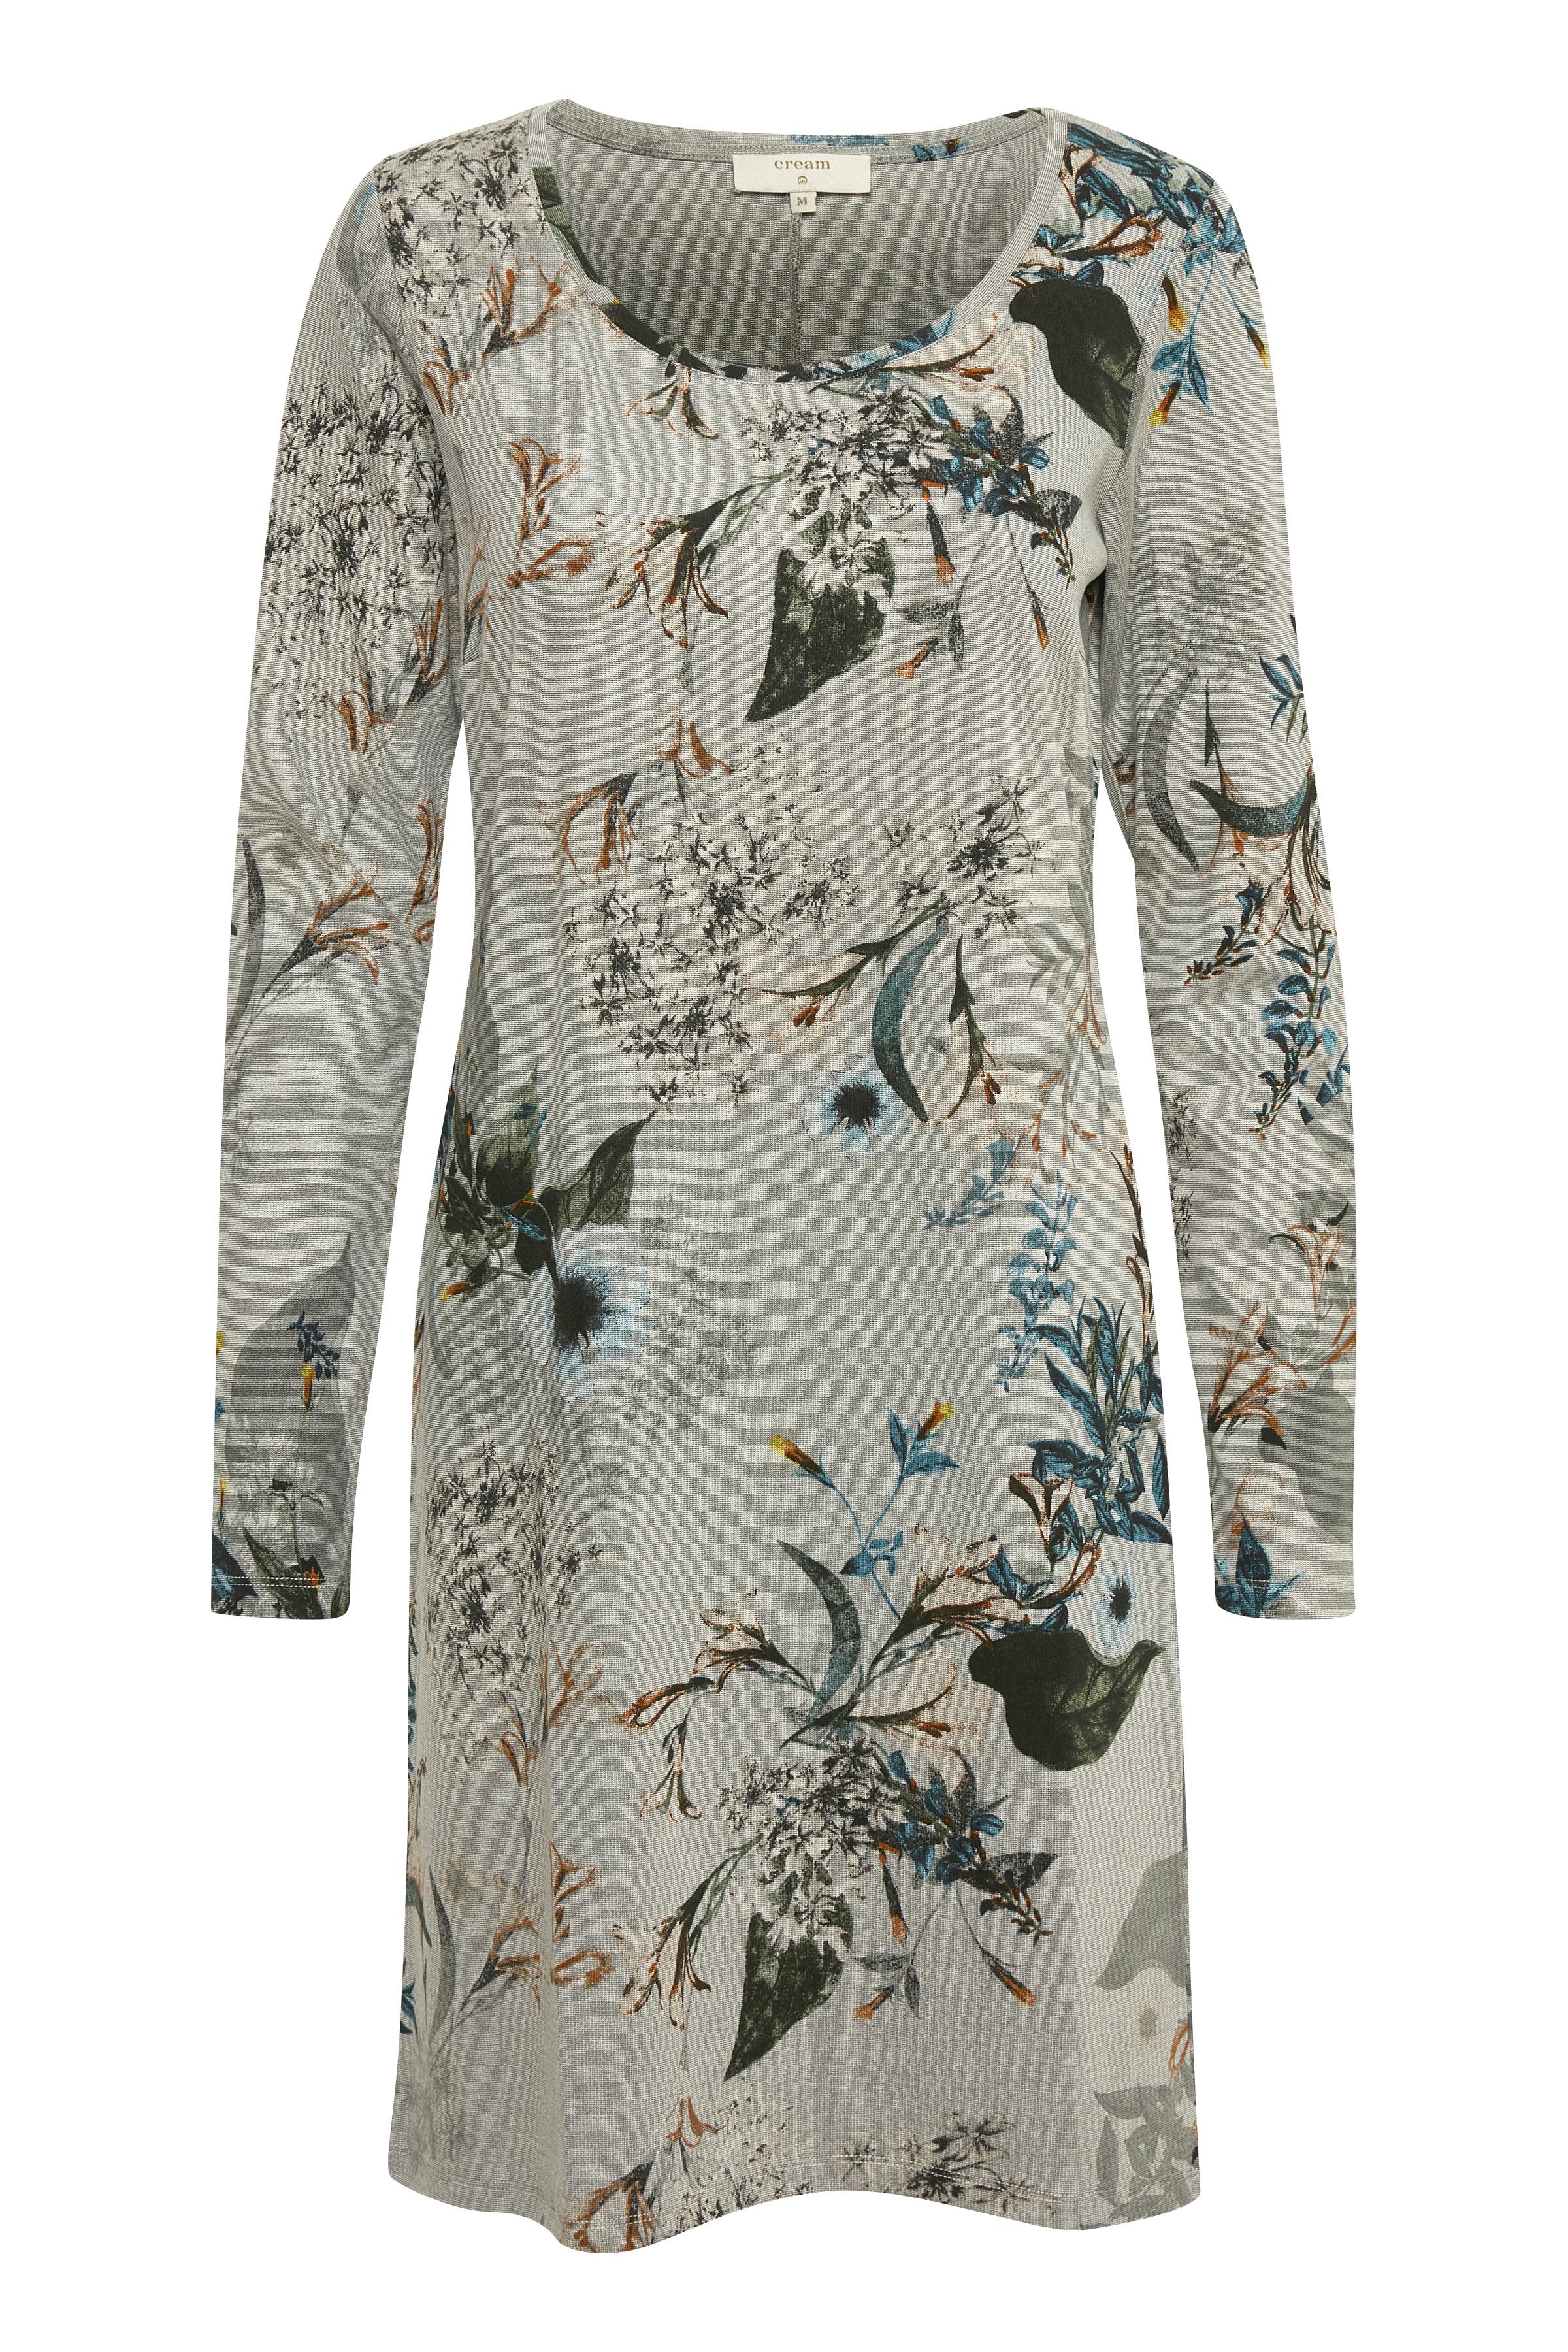 Gråmelerad/off-white Strickad klänning från Cream – Köp Gråmelerad/off-white Strickad klänning från stl. XS-XXL här